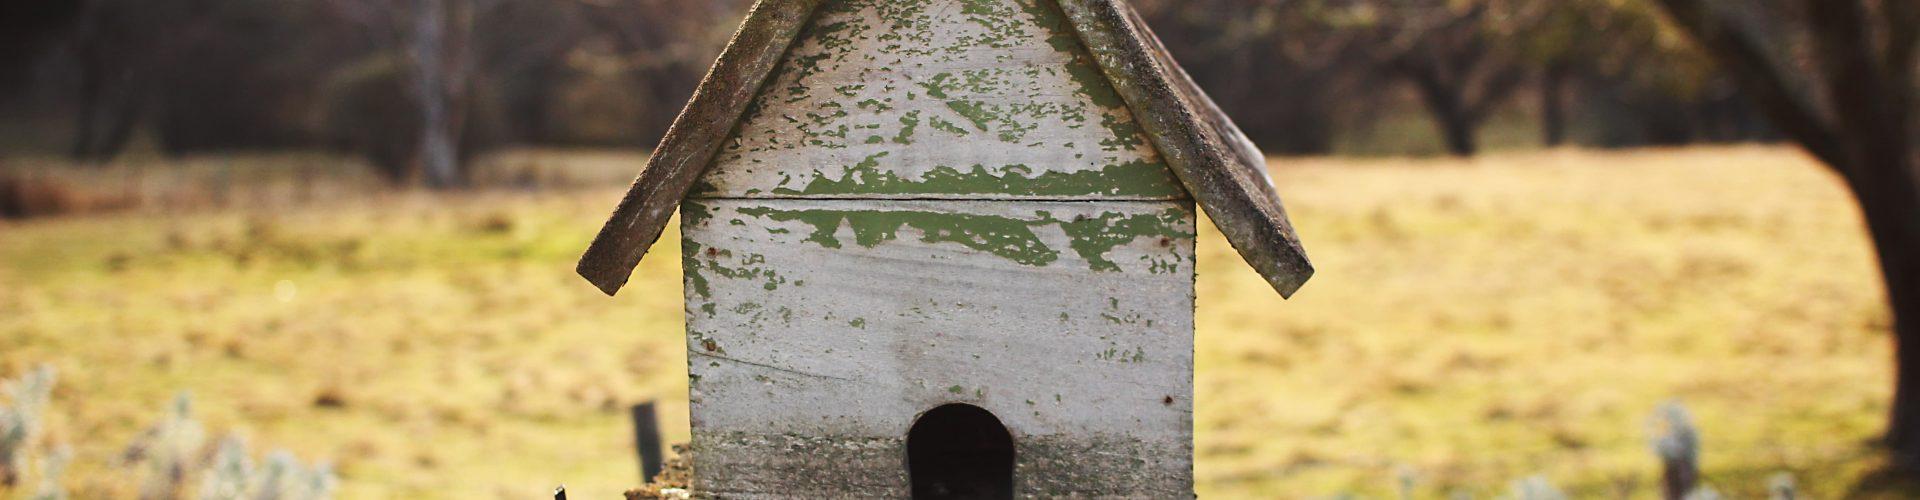 Come attirare gli uccelli nel proprio giardino: casetta di ...